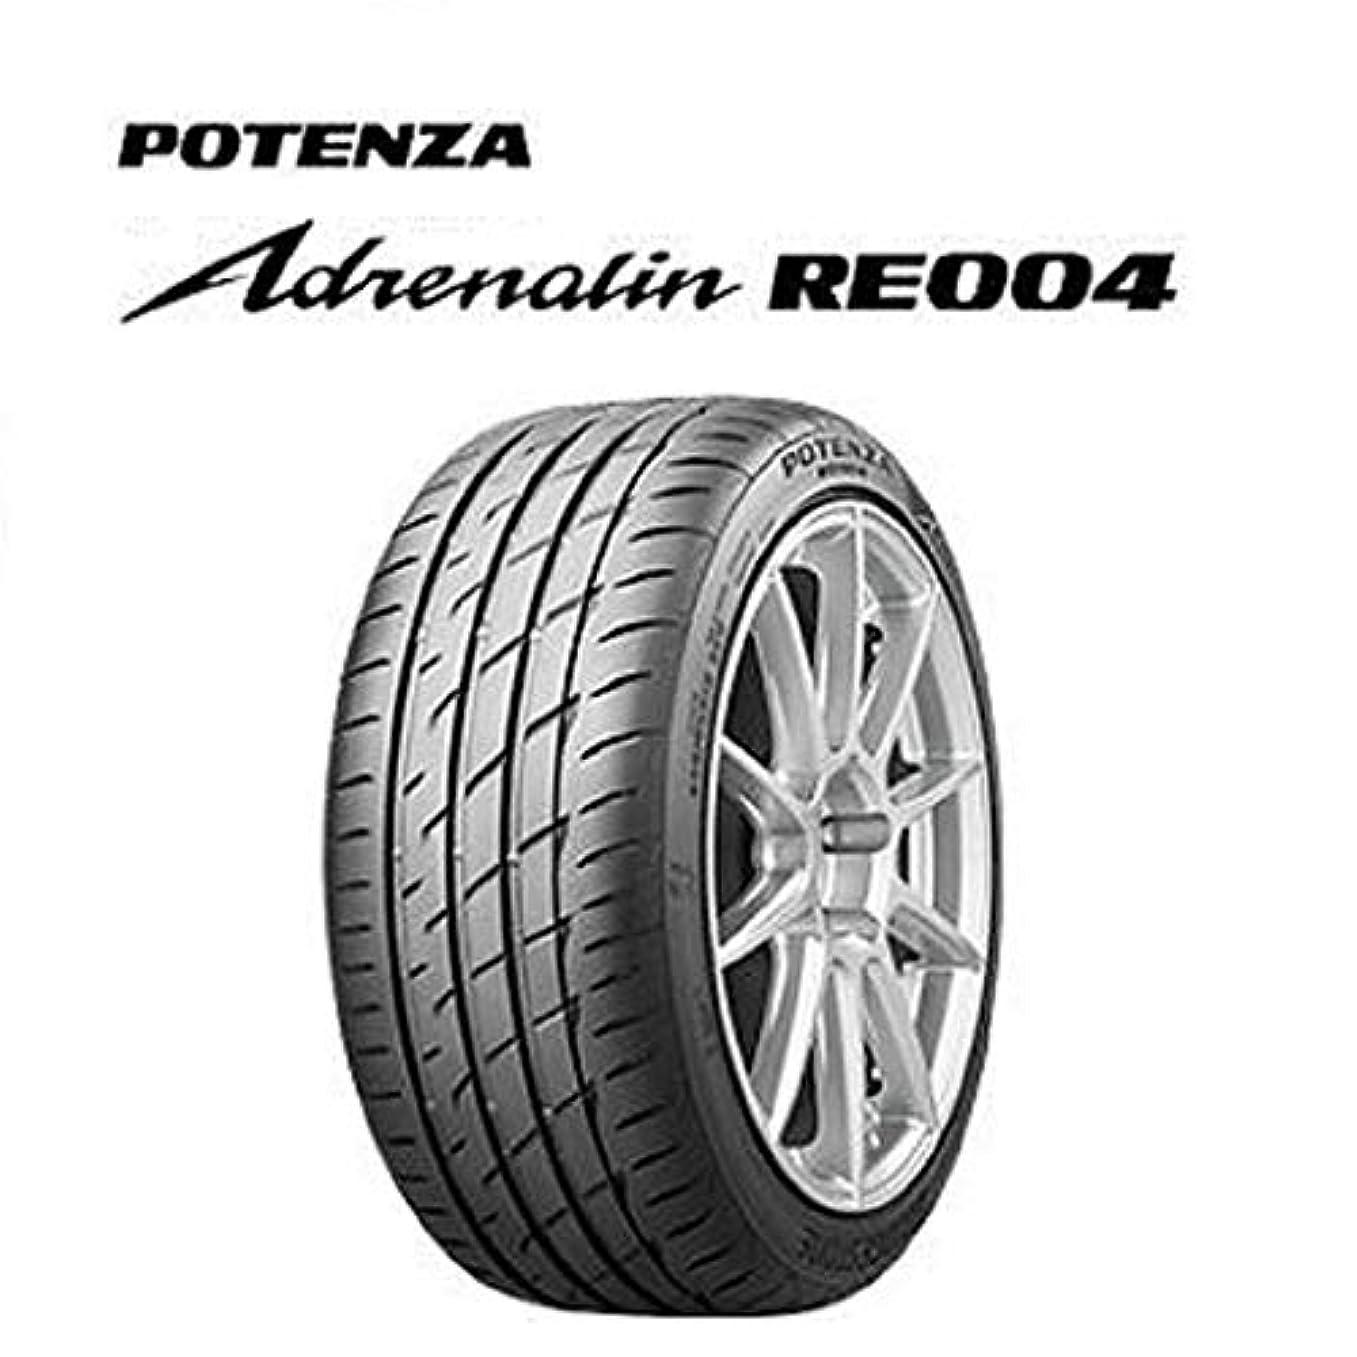 ウェーハ蒸気他のバンドでタイヤ POTENZA Adrenalin RE004 225/40R18 92W XL BRIDGESTONE ブリヂストン